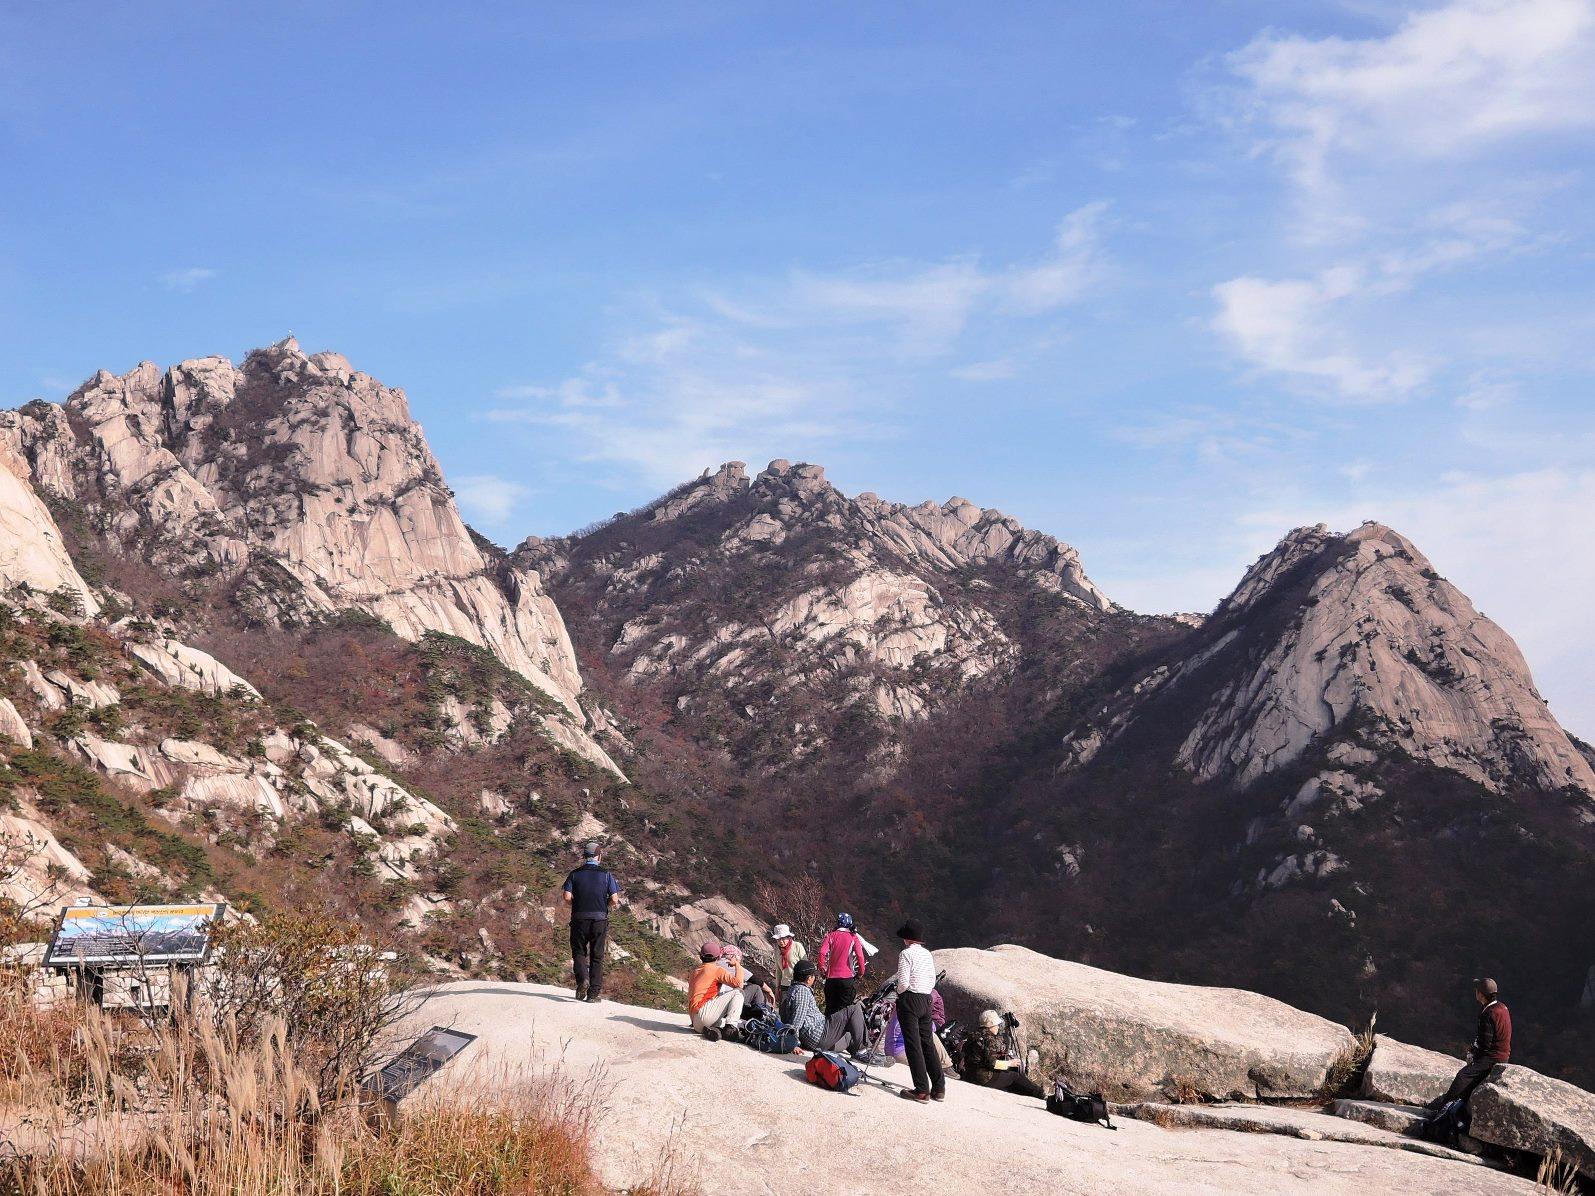 花崗岩の巨大な岩峰群が連なる日本離れした北漢山の景観